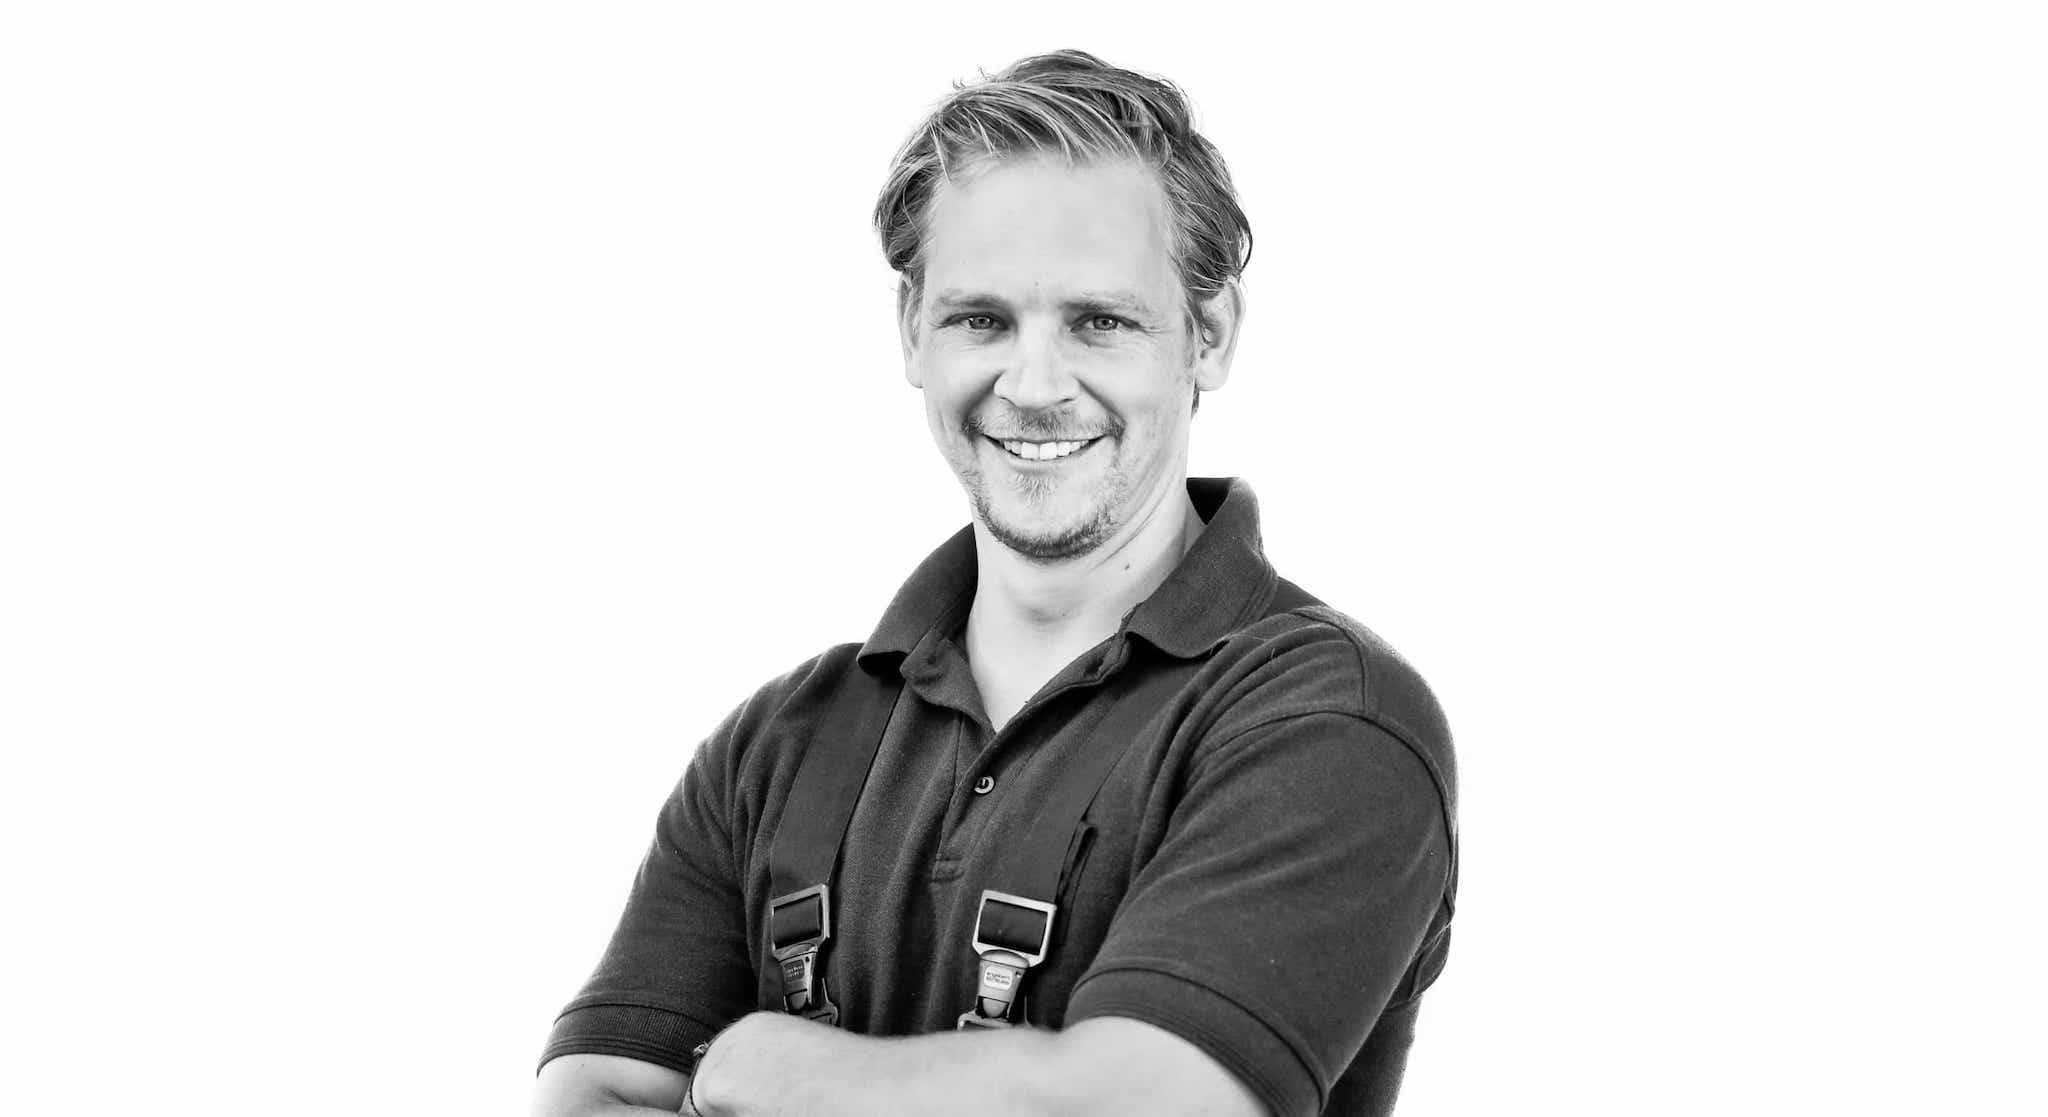 Superschlotis - Schornsteinfeger Viktor Rauh vom Schornsteinfegerbetrieb Ralf Gröbner